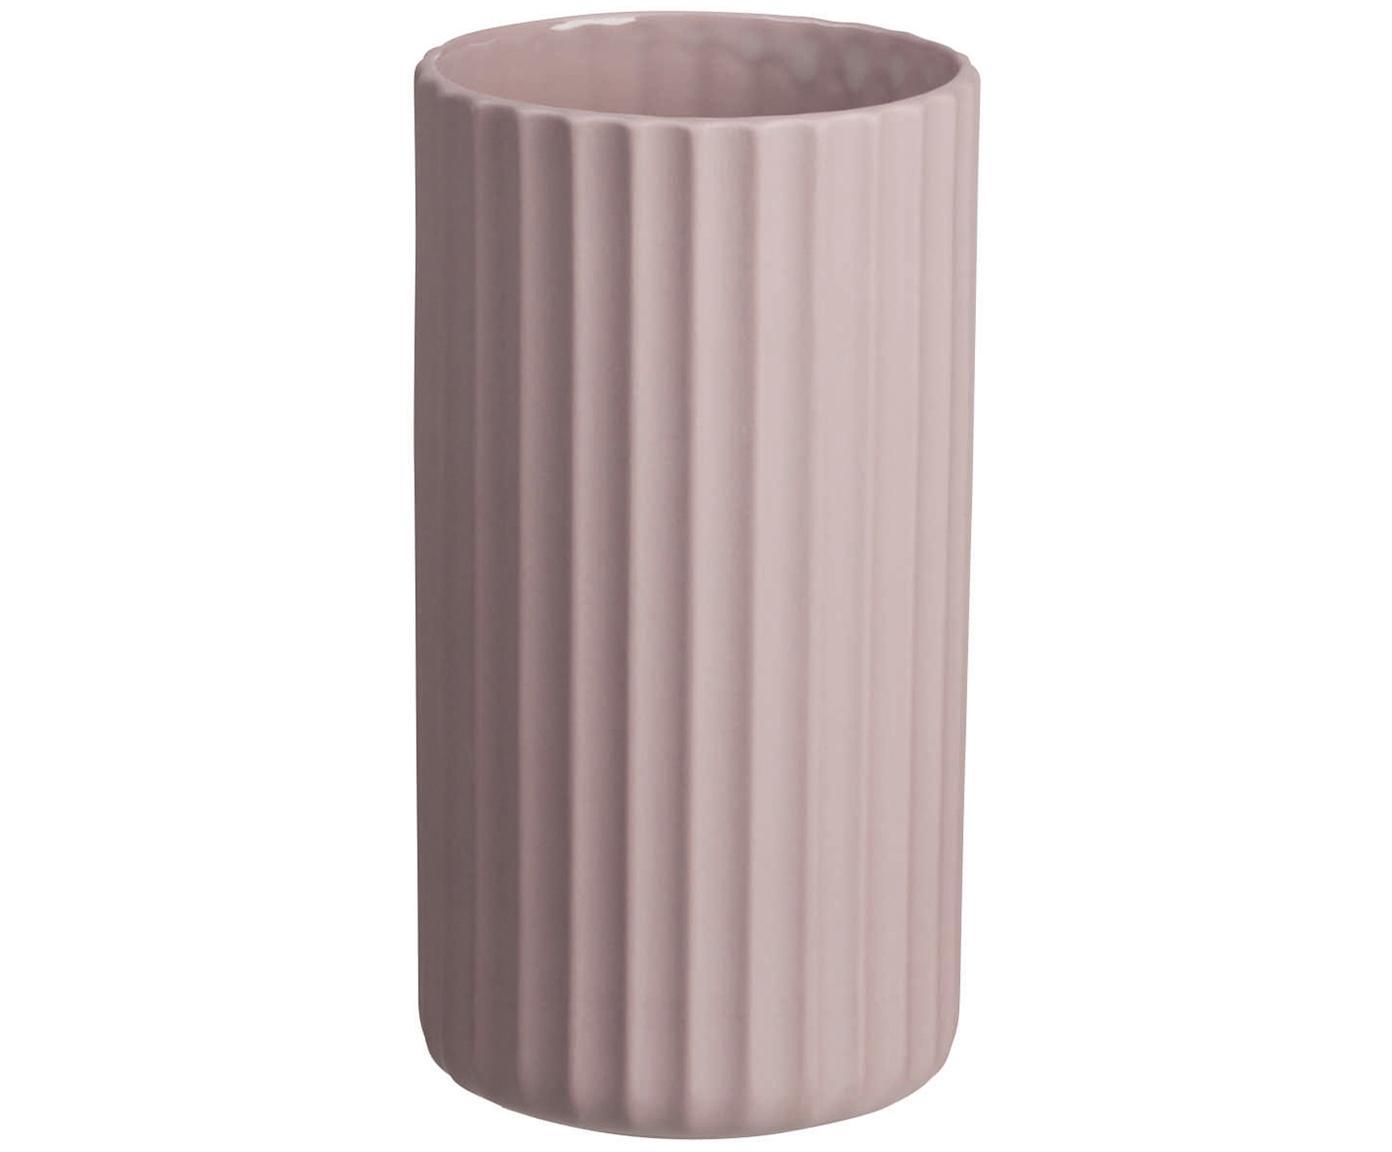 Handgefertigte Vase Yoko aus Porzellan, Porzellan, Rosa, Ø 9 x H 16 cm